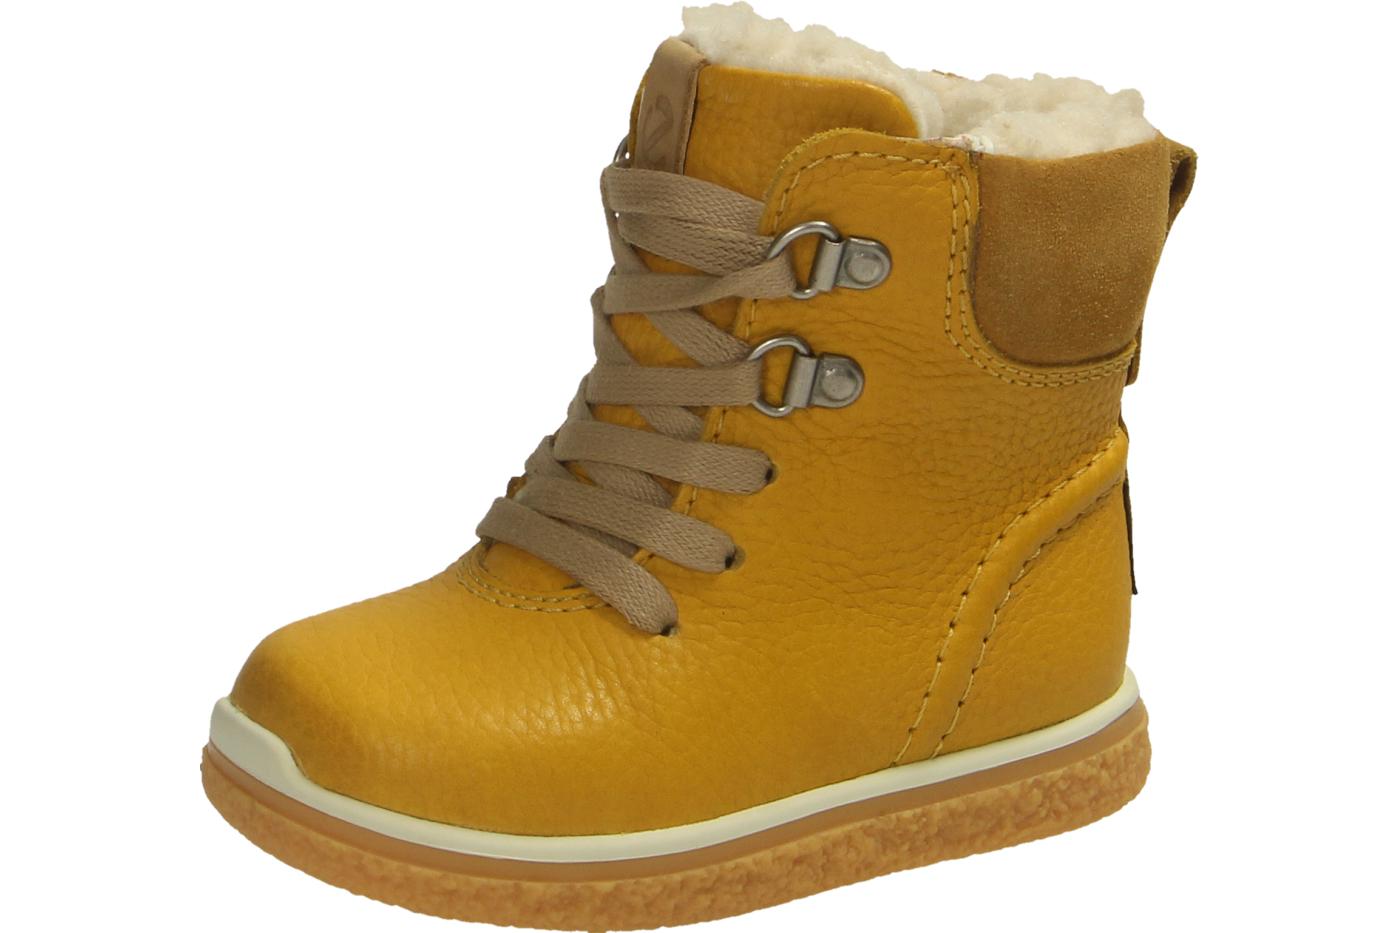 Ecco ECCO CREPETRAY MINI Kinder Stiefel Kinder Stiefel 75344151615 21